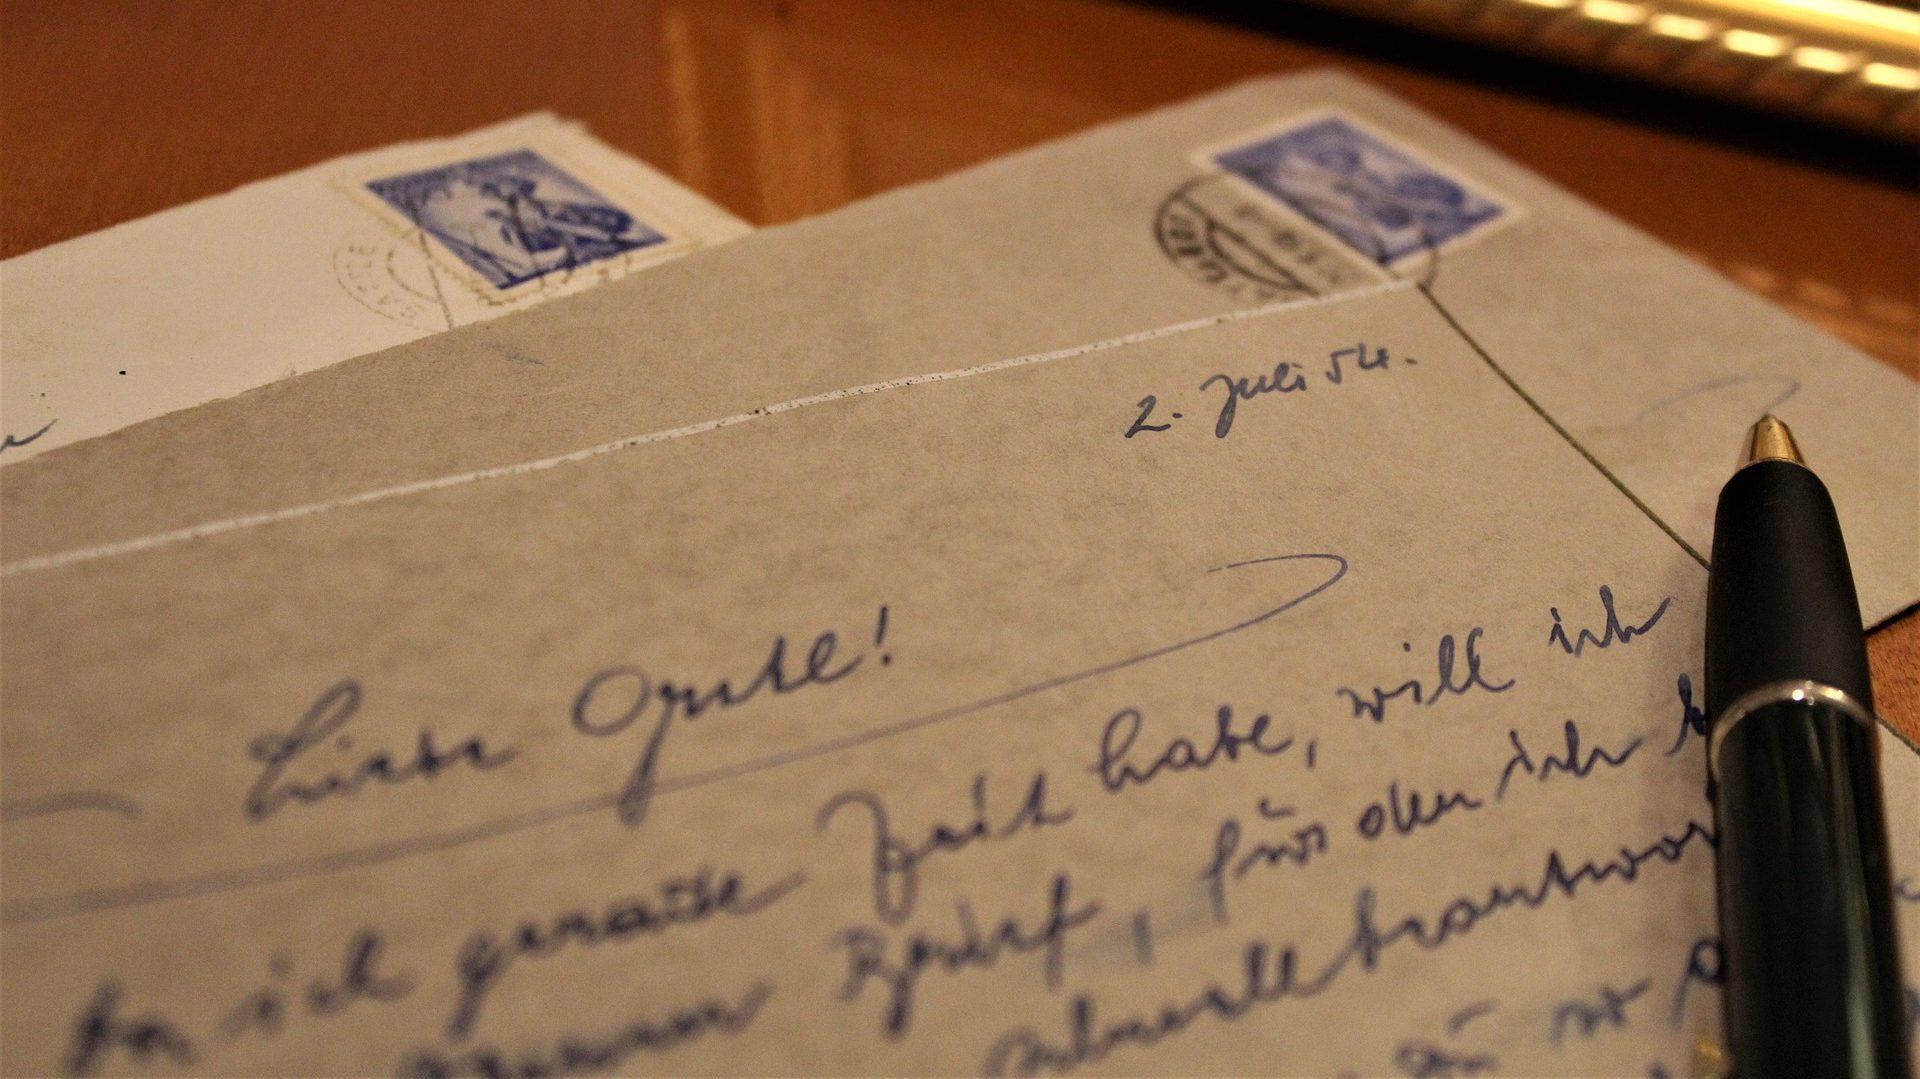 ドイツ語でメールや手紙を書くとき役立つ15フレーズ